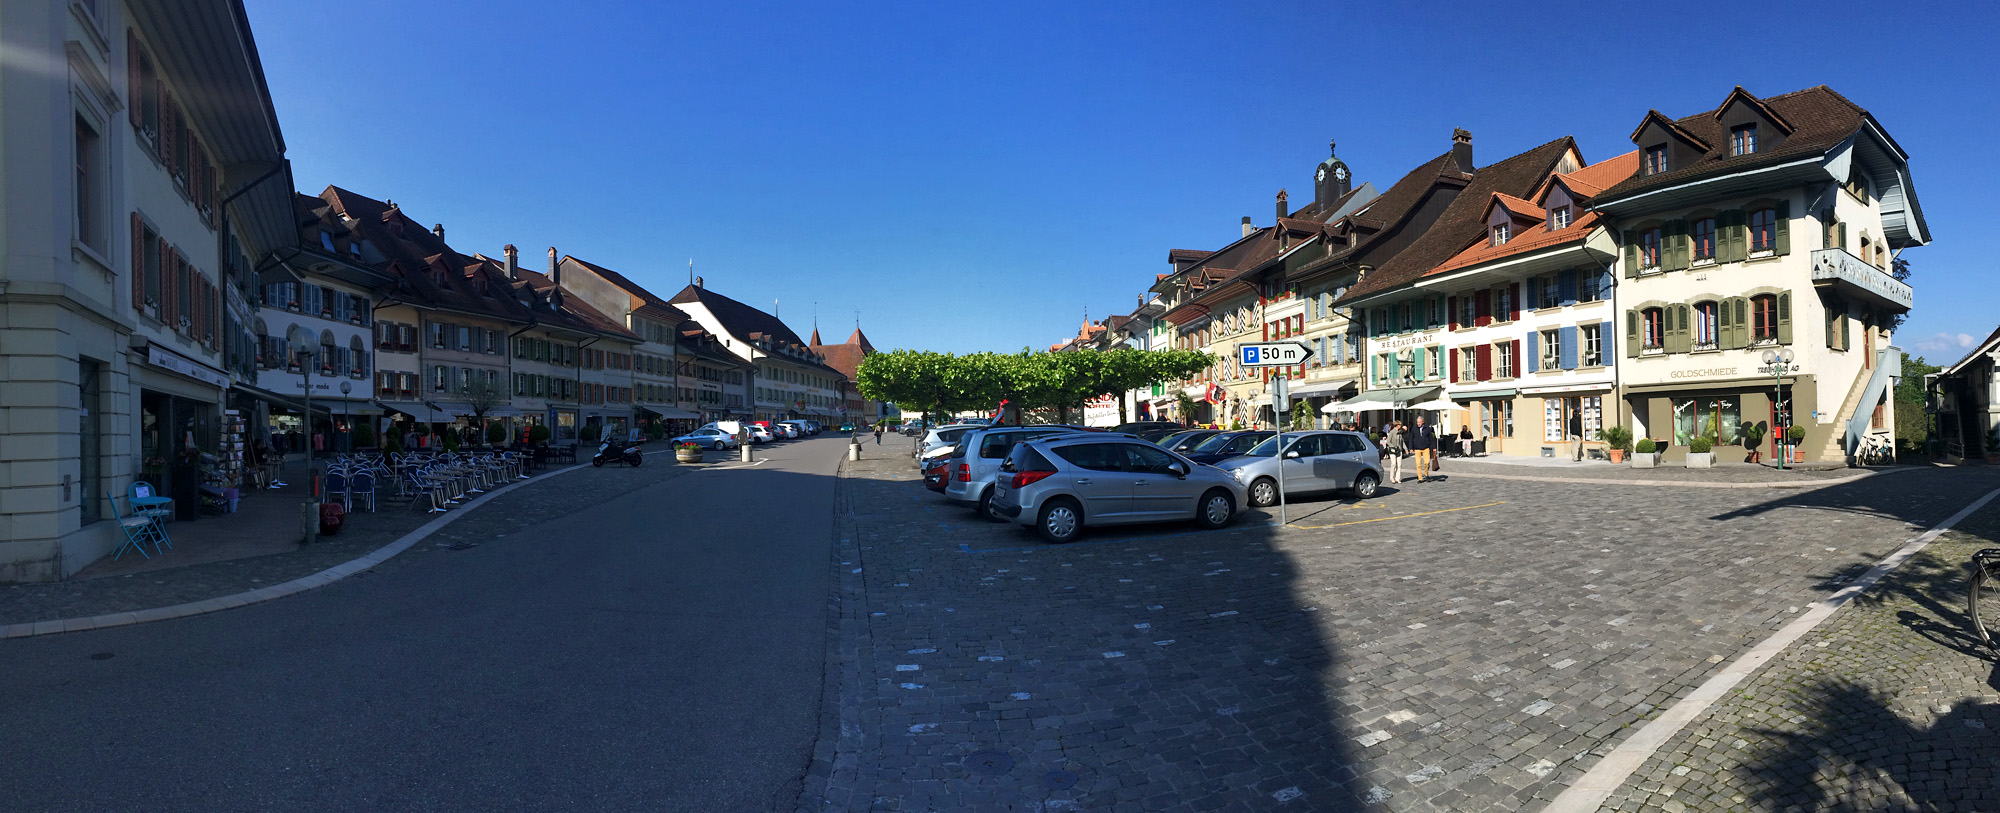 Panorama des grosszügigen Marktplatzes von Aarberg